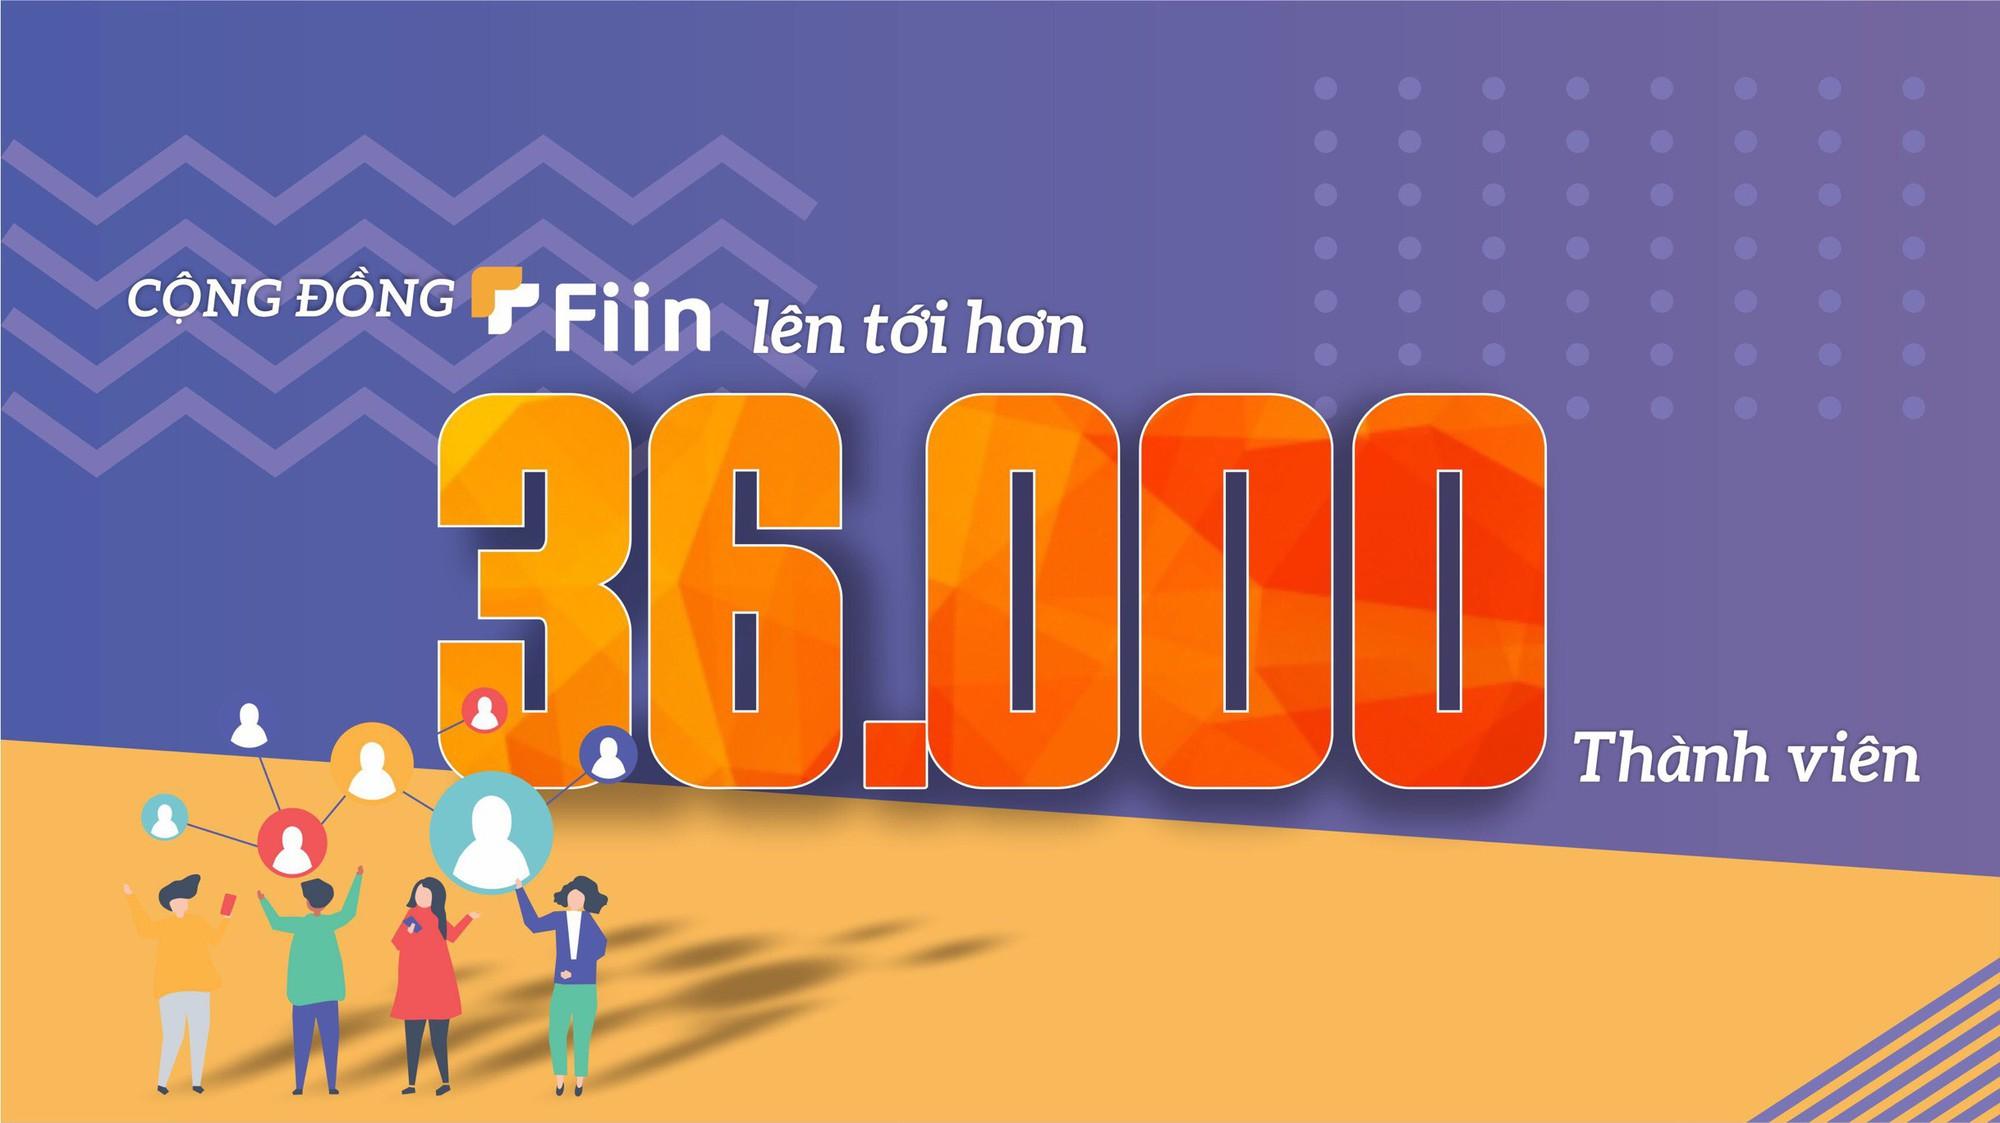 Sinh viên hiện đại làm chủ tài chính qua ứng dụng Fiin - Ảnh 3.